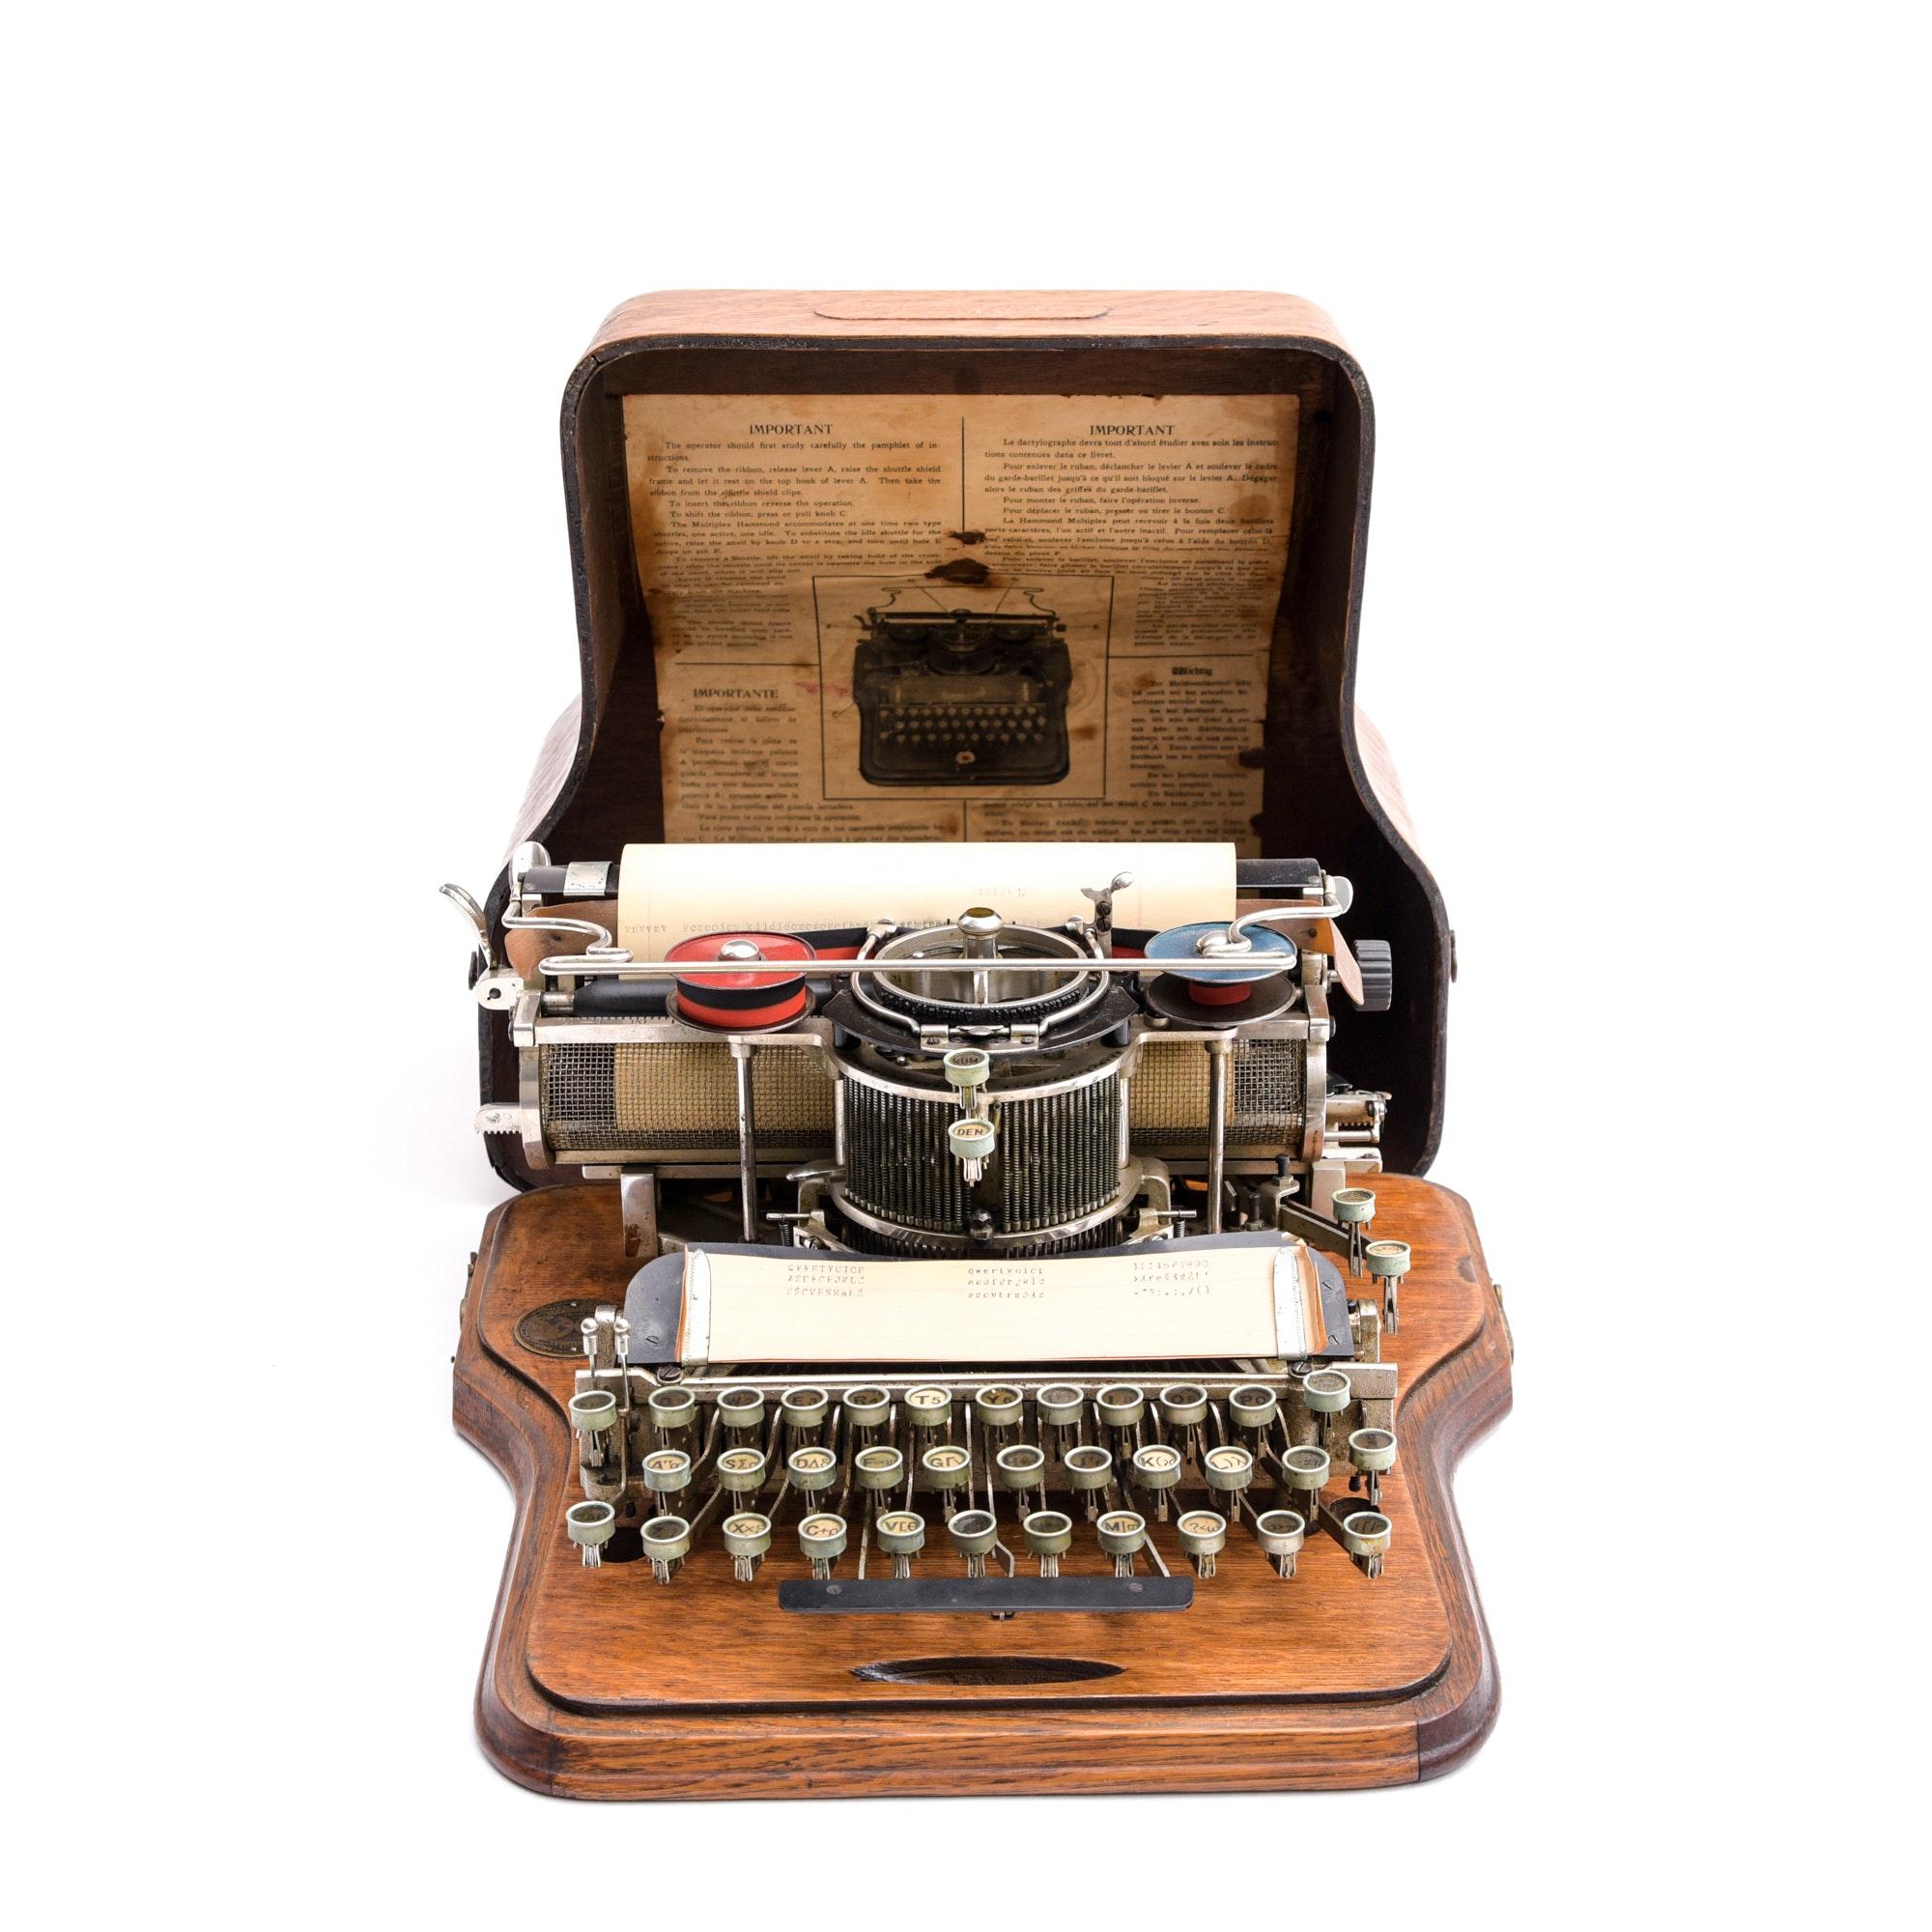 1910s Hammond Multiplex Typewriter with Interchangeable Type Shuttle Design